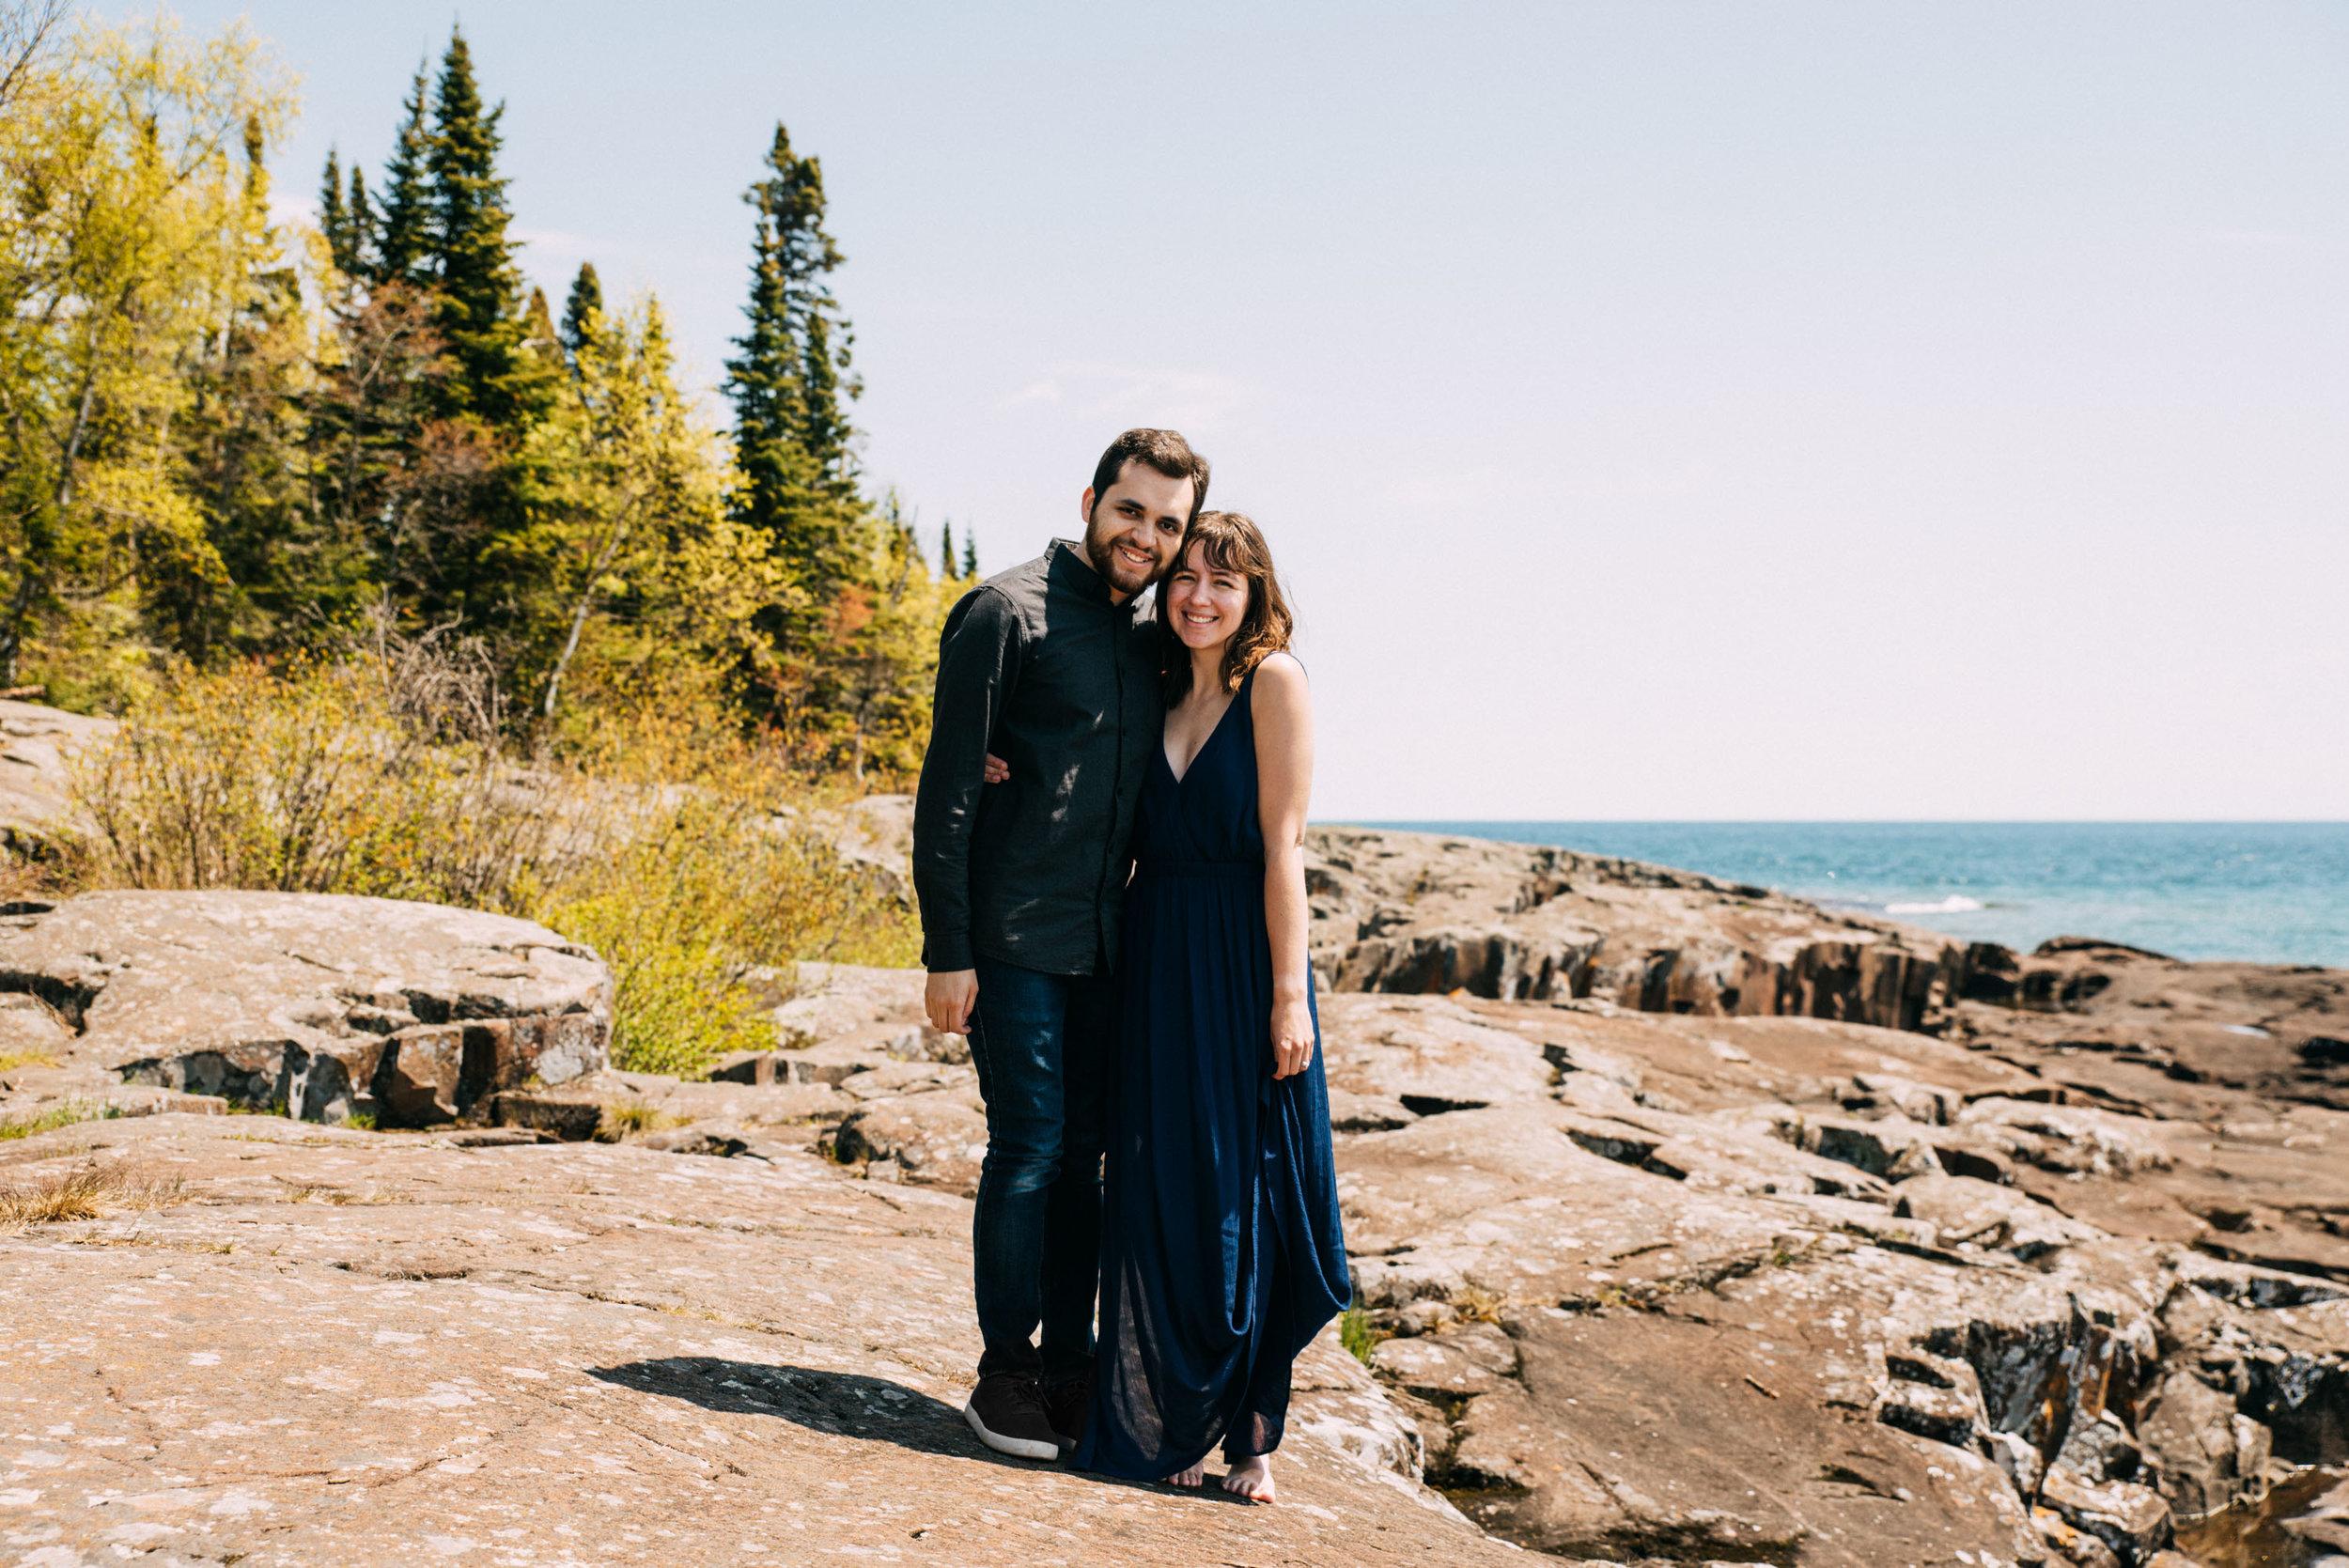 North Shore MN June 2019